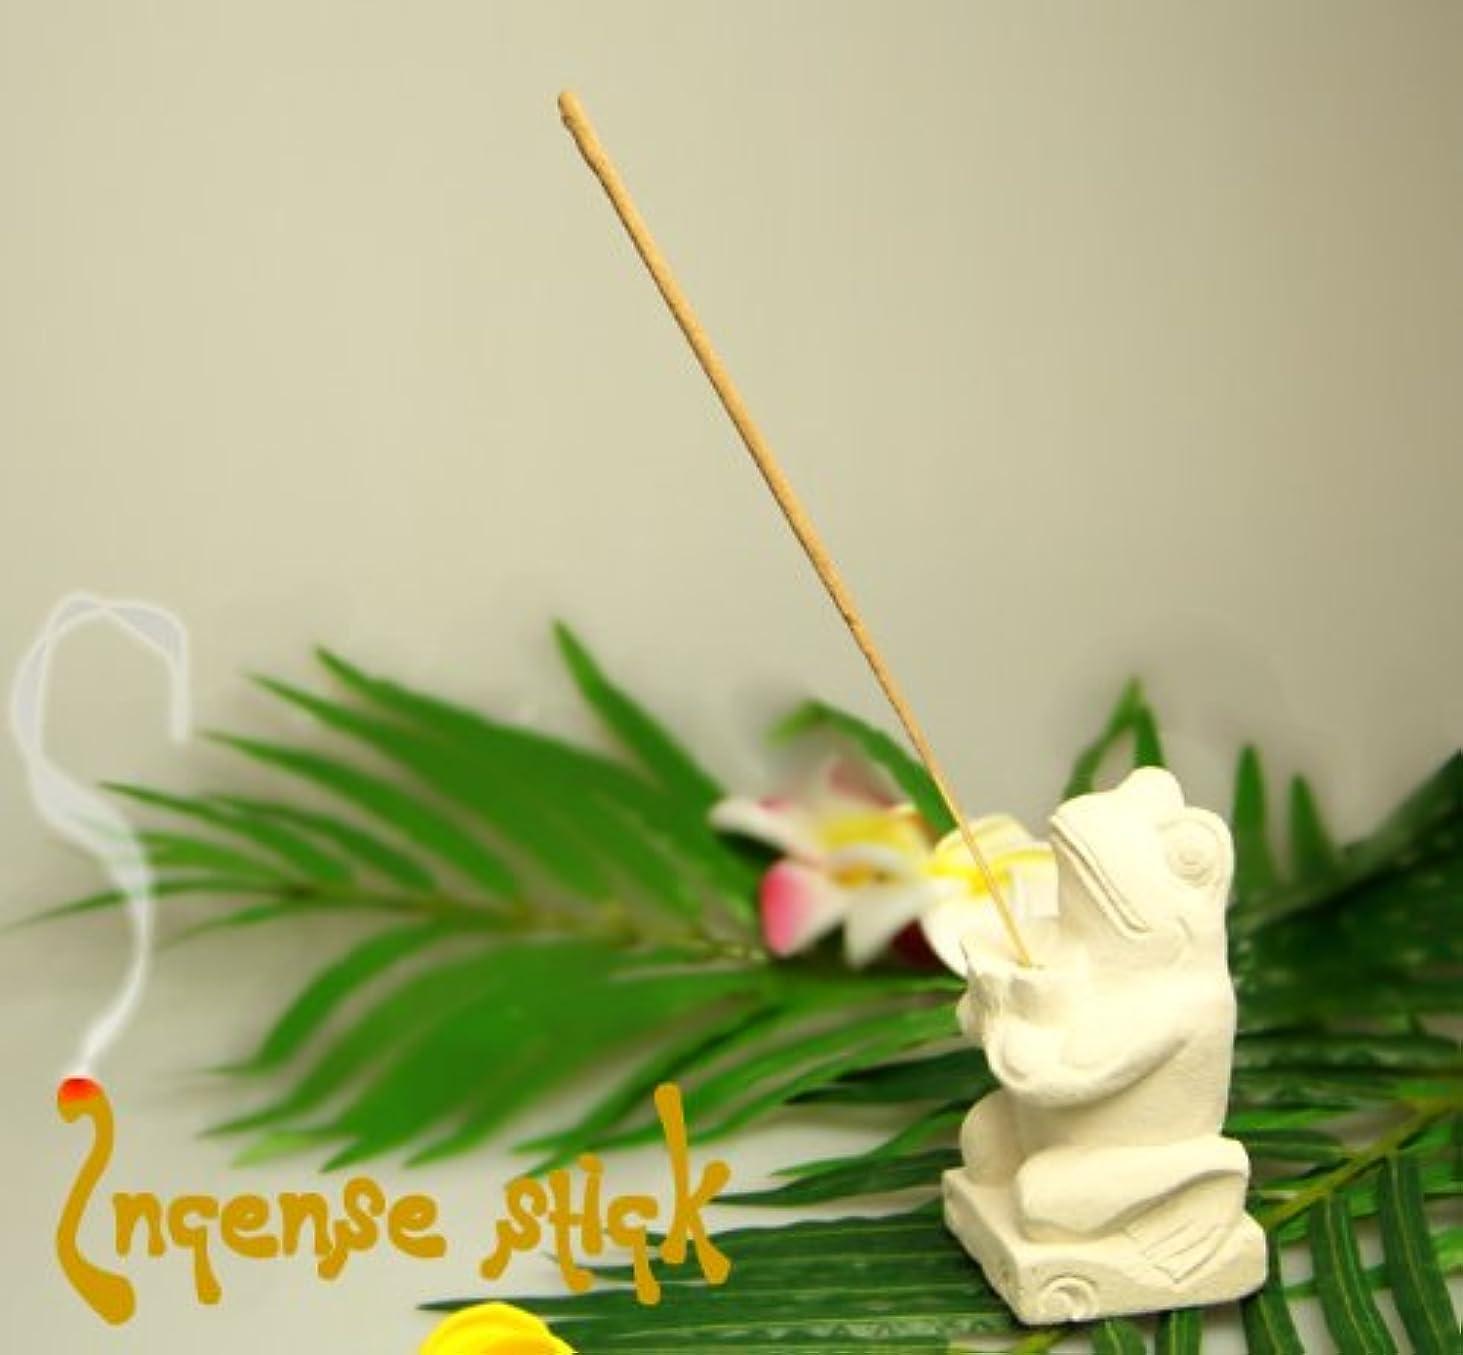 無線地球模倣プルメリアの葉っぱで出来たケースに入ったスティックタイプお香20本 (ストロベリー)